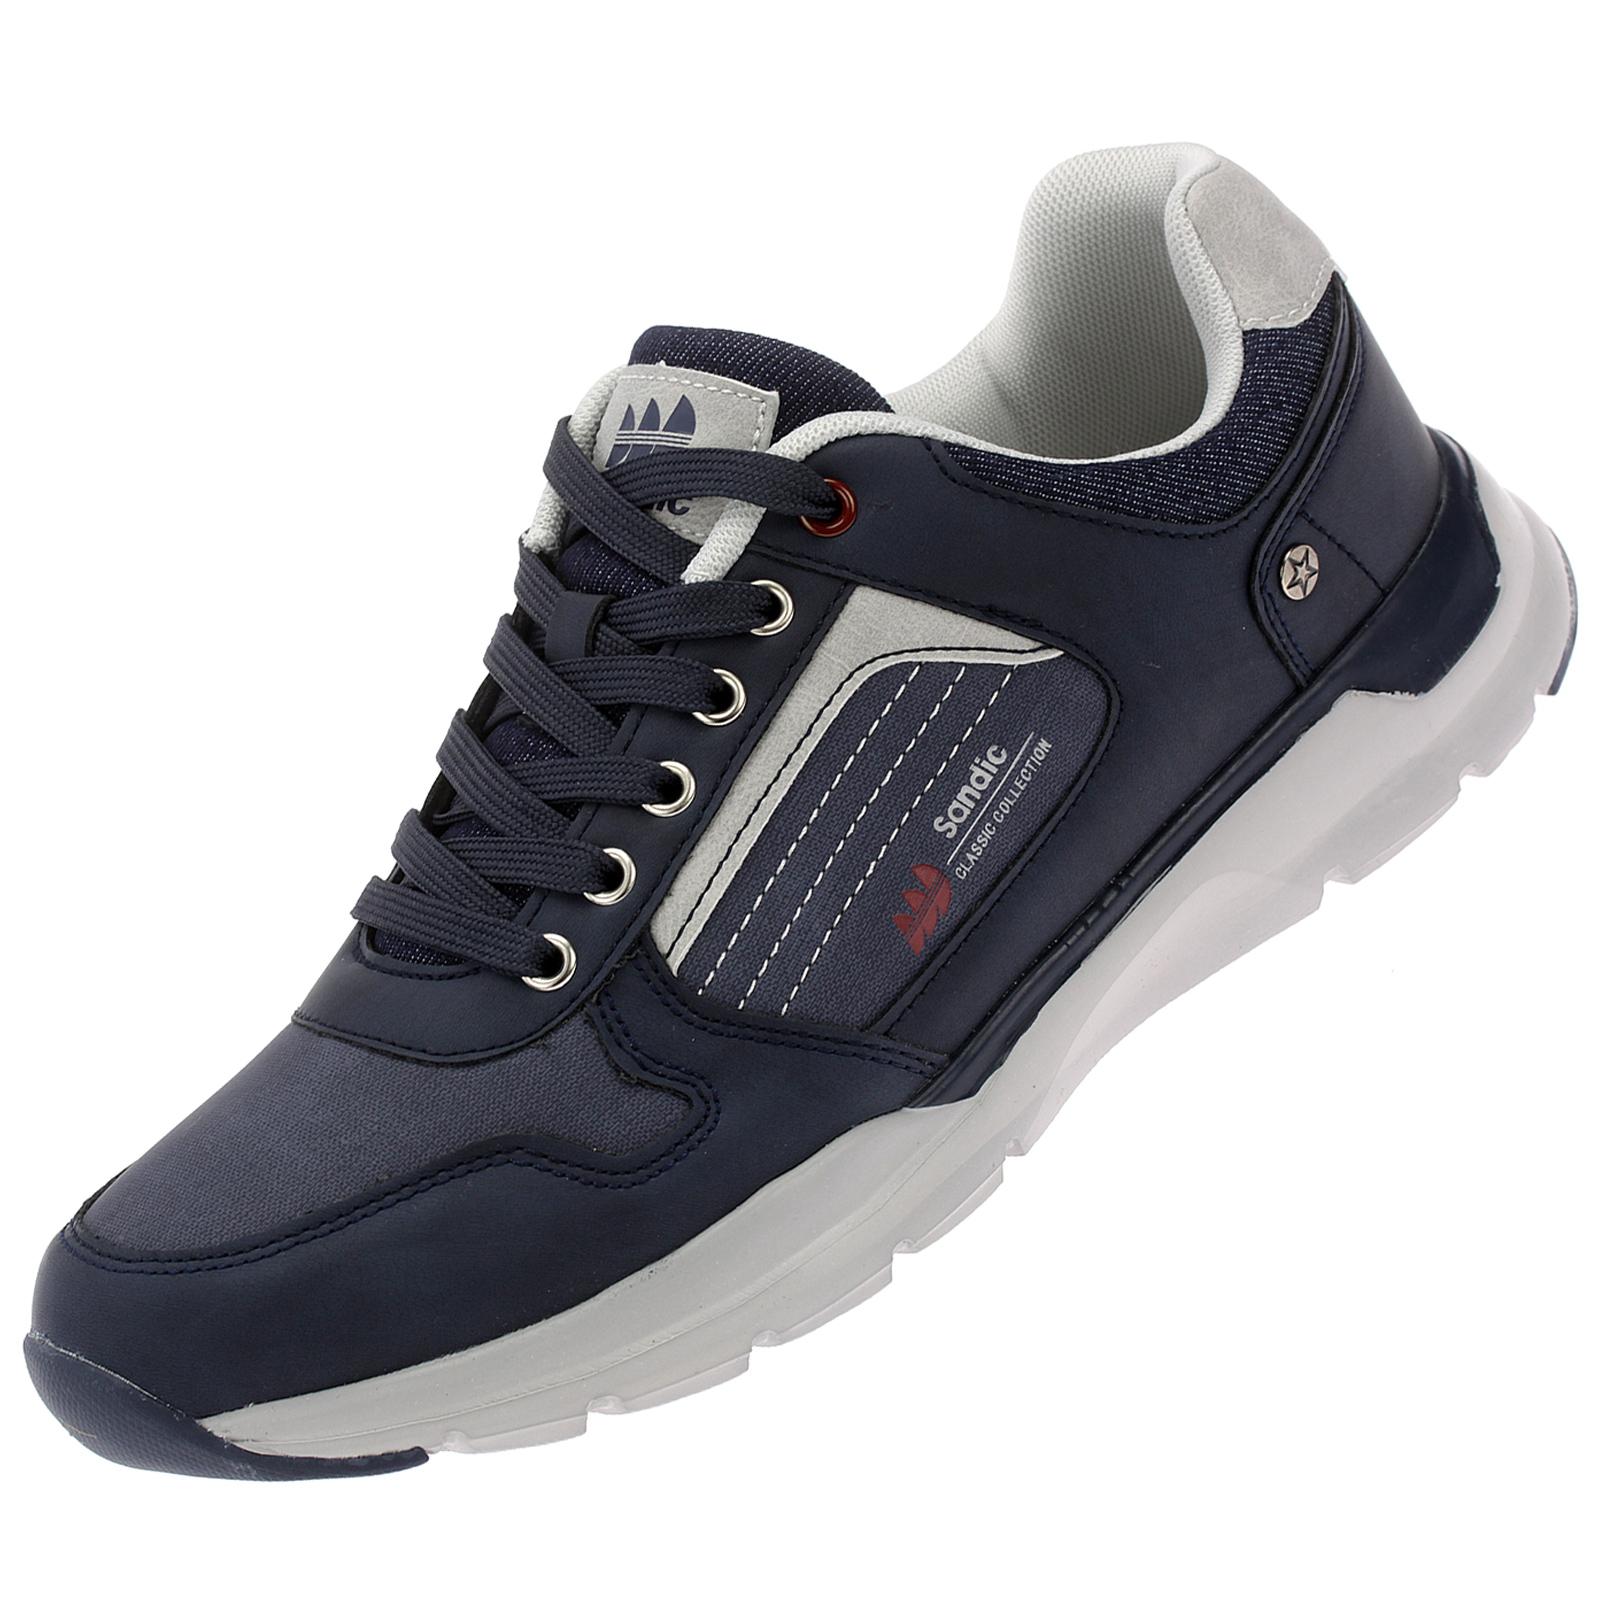 Herren Sneaker Sportschuhe Freizeit Schnürer Herrenschuhe 20B006